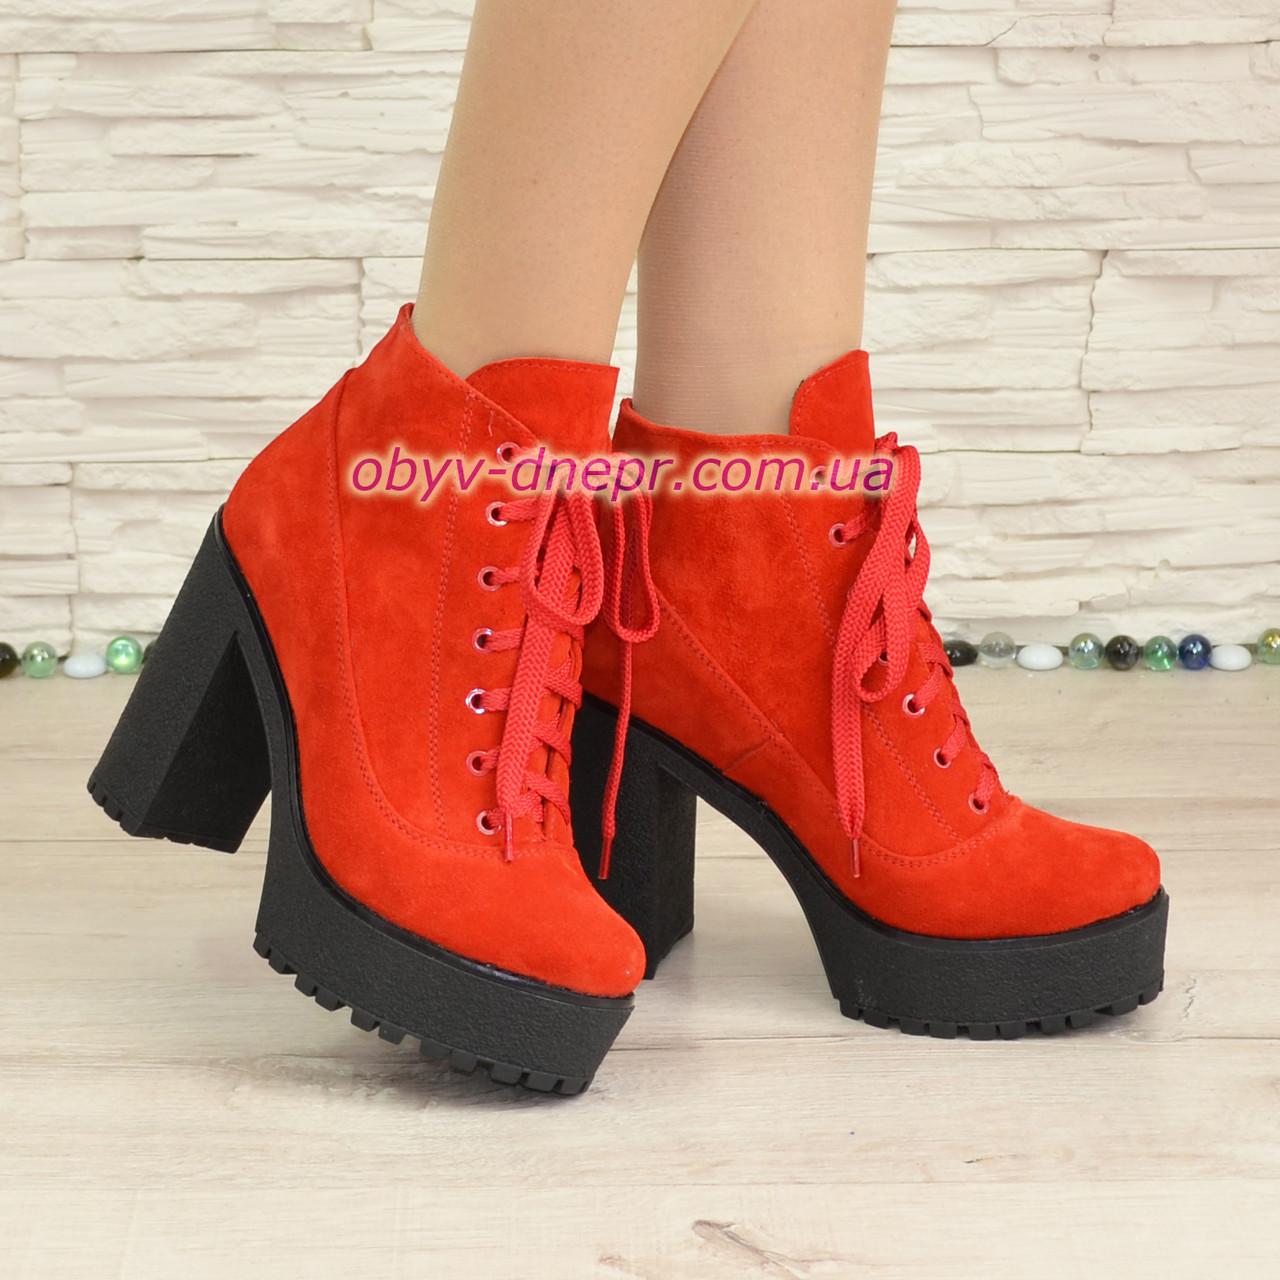 Женские замшевые демисезонные ботильоны на высоком каблуке, цвет красный